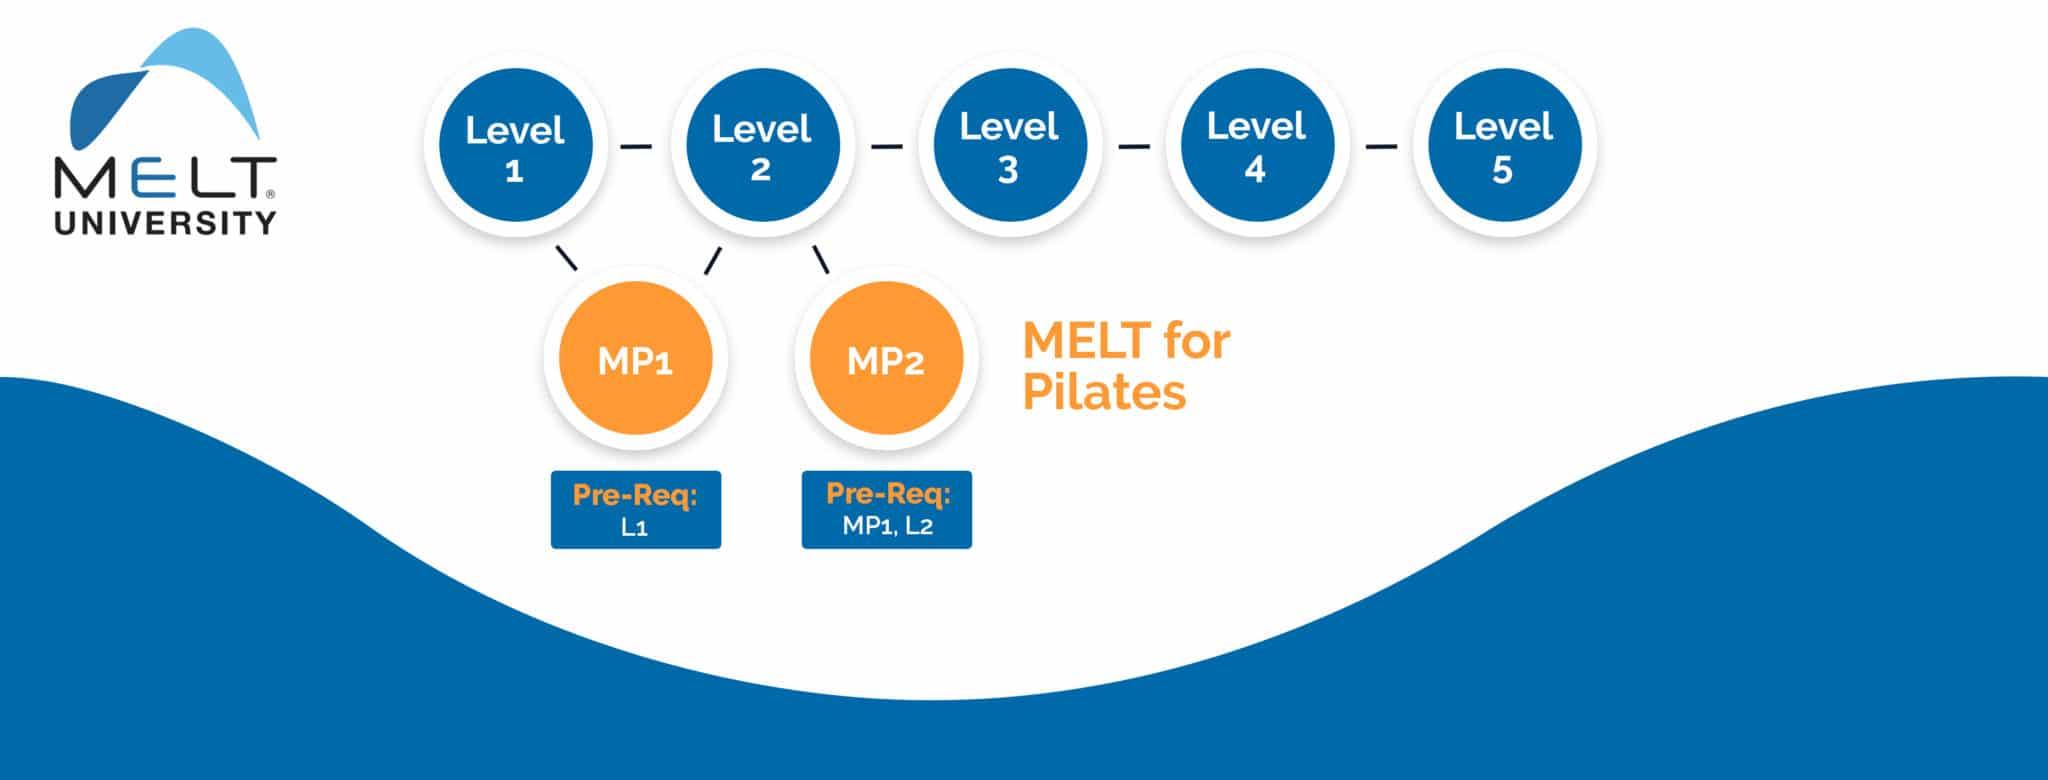 MELT University Training Path